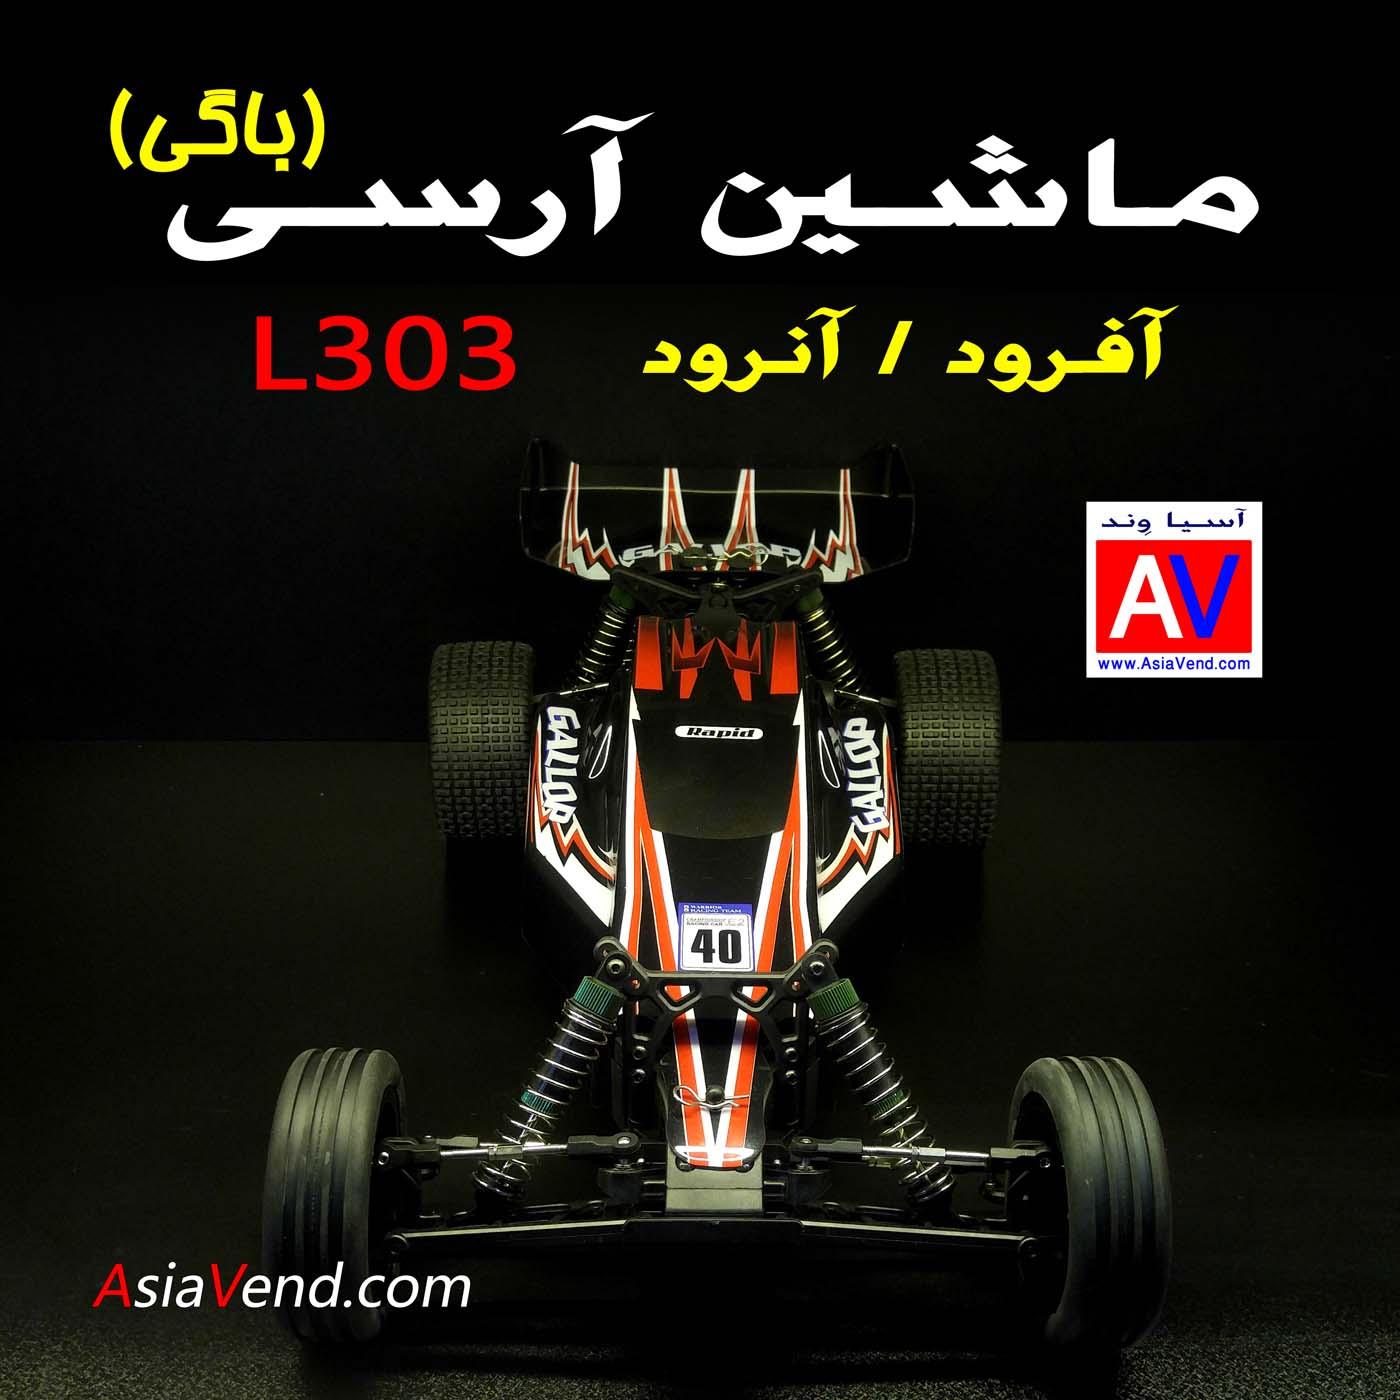 ماشین کنترلی باگی ماشین رادیو کنترلی L303